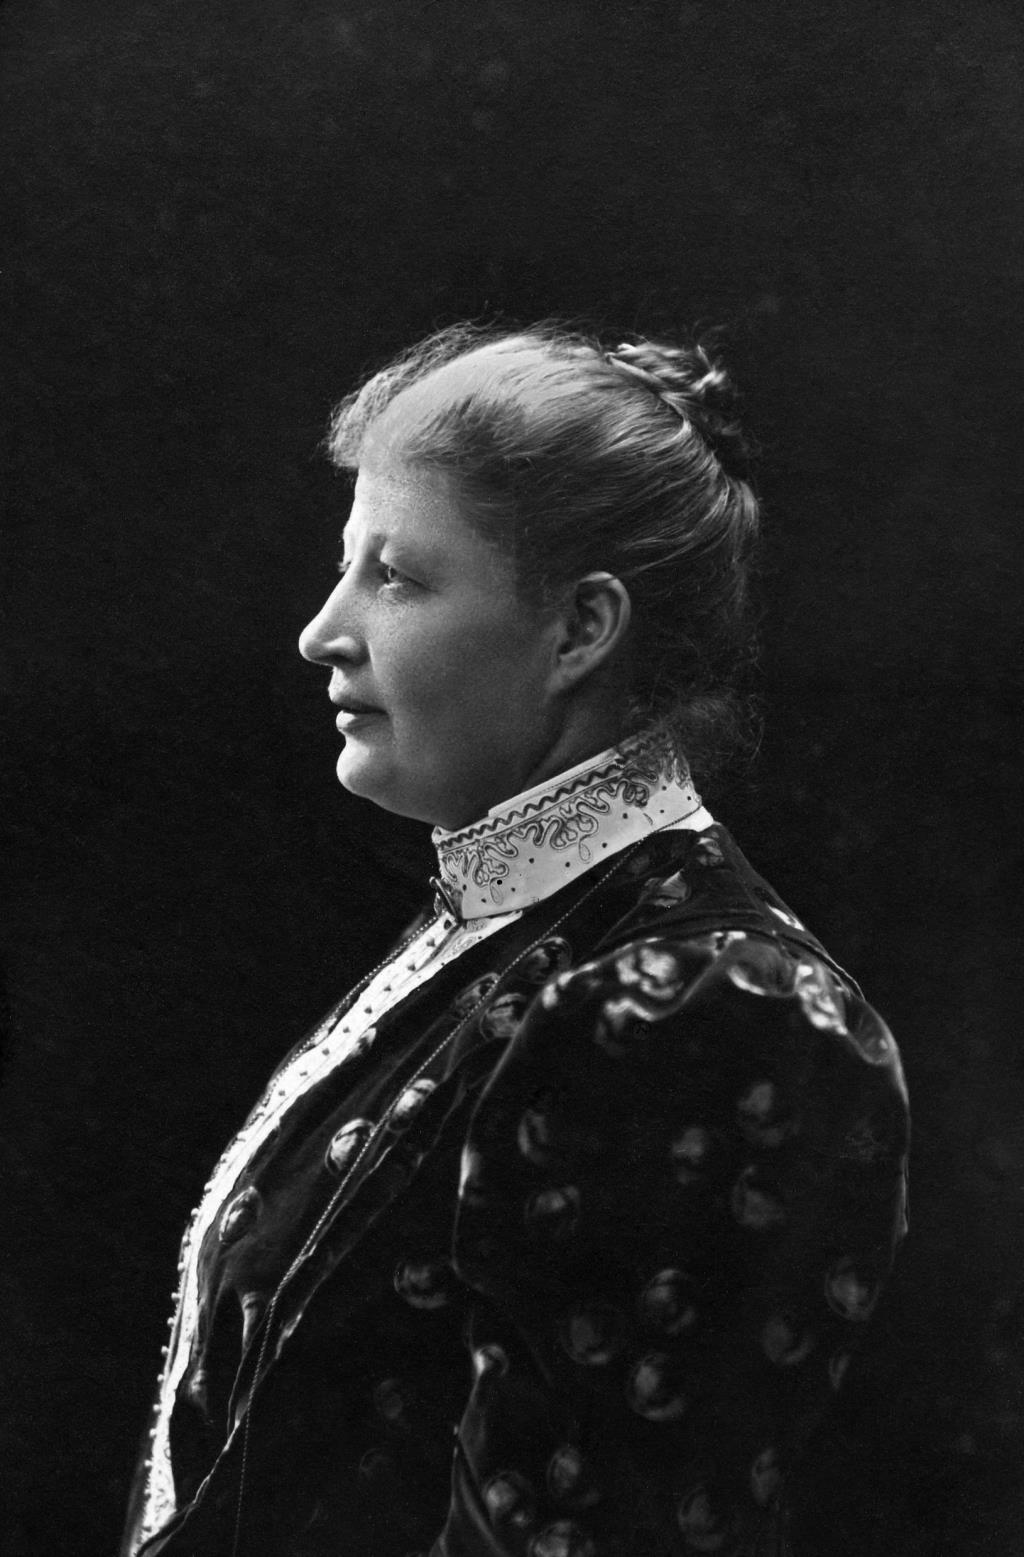 Länsmejerskan Anna Gustafsson. Fotograf: Henny Tegström, ca 1910 (Luleå kommuns historiska bildarkiv)